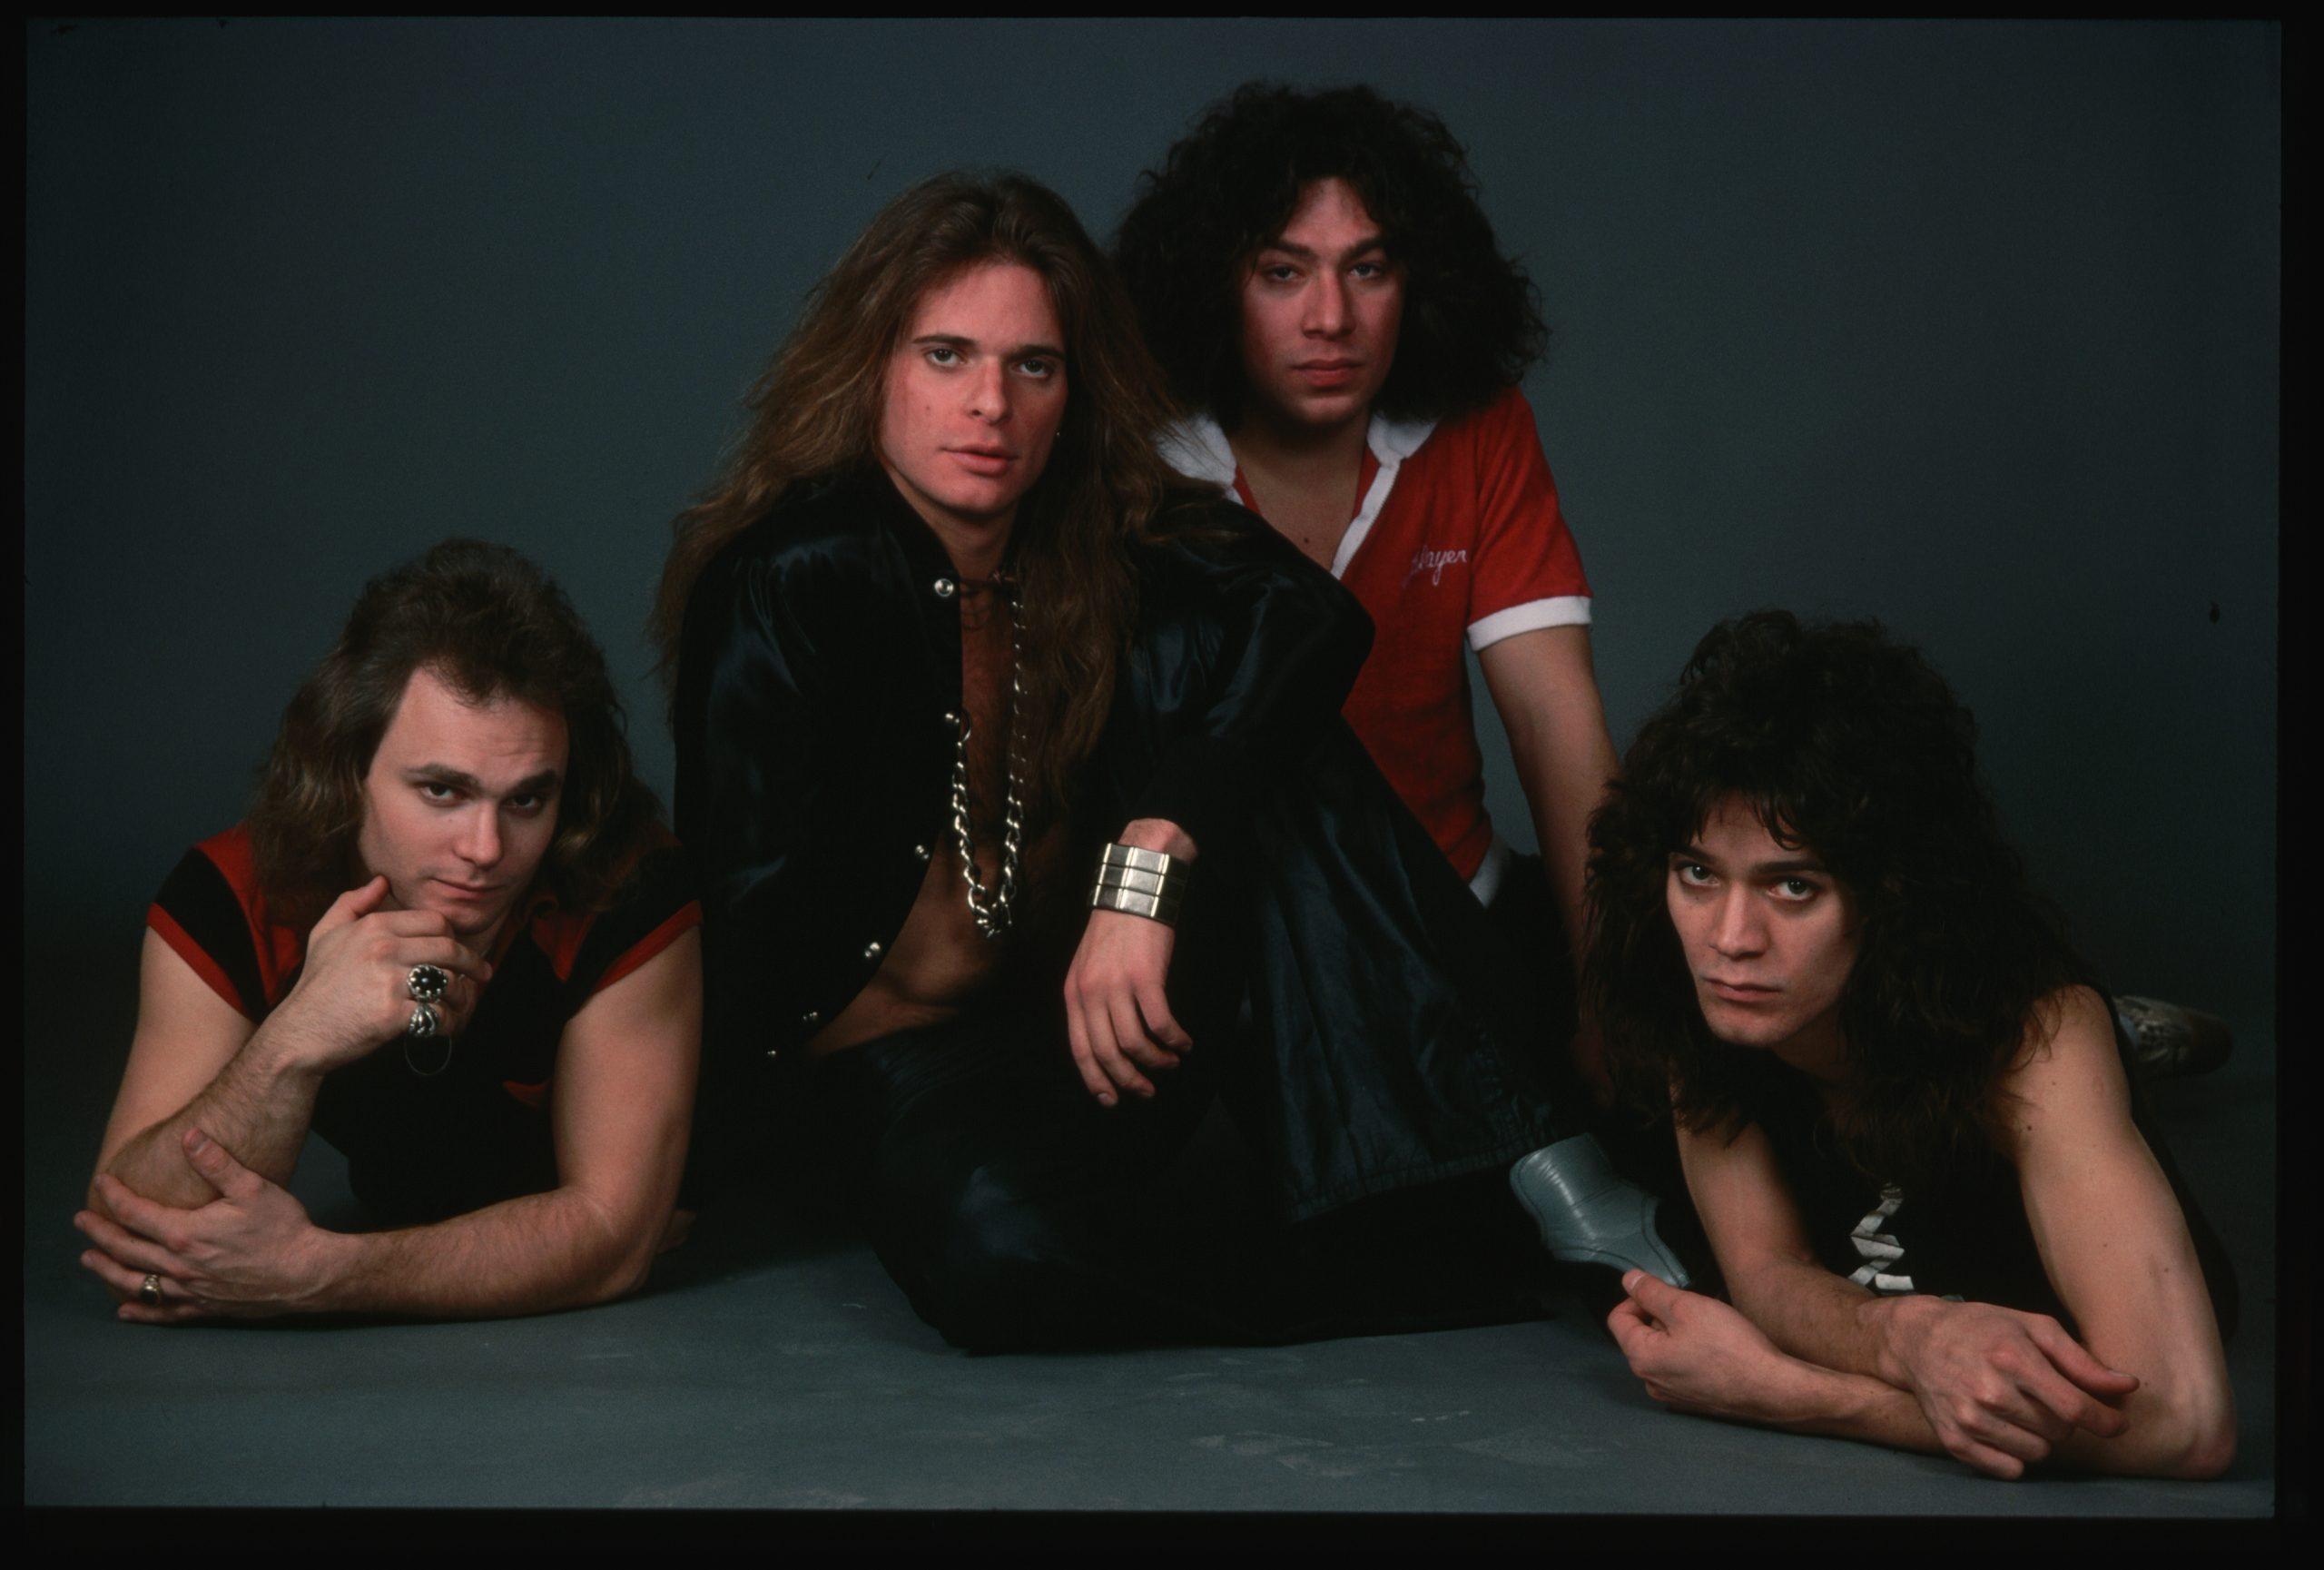 """La extraña historia detrás de """"Jump"""", la canción más popular de Van Halen"""